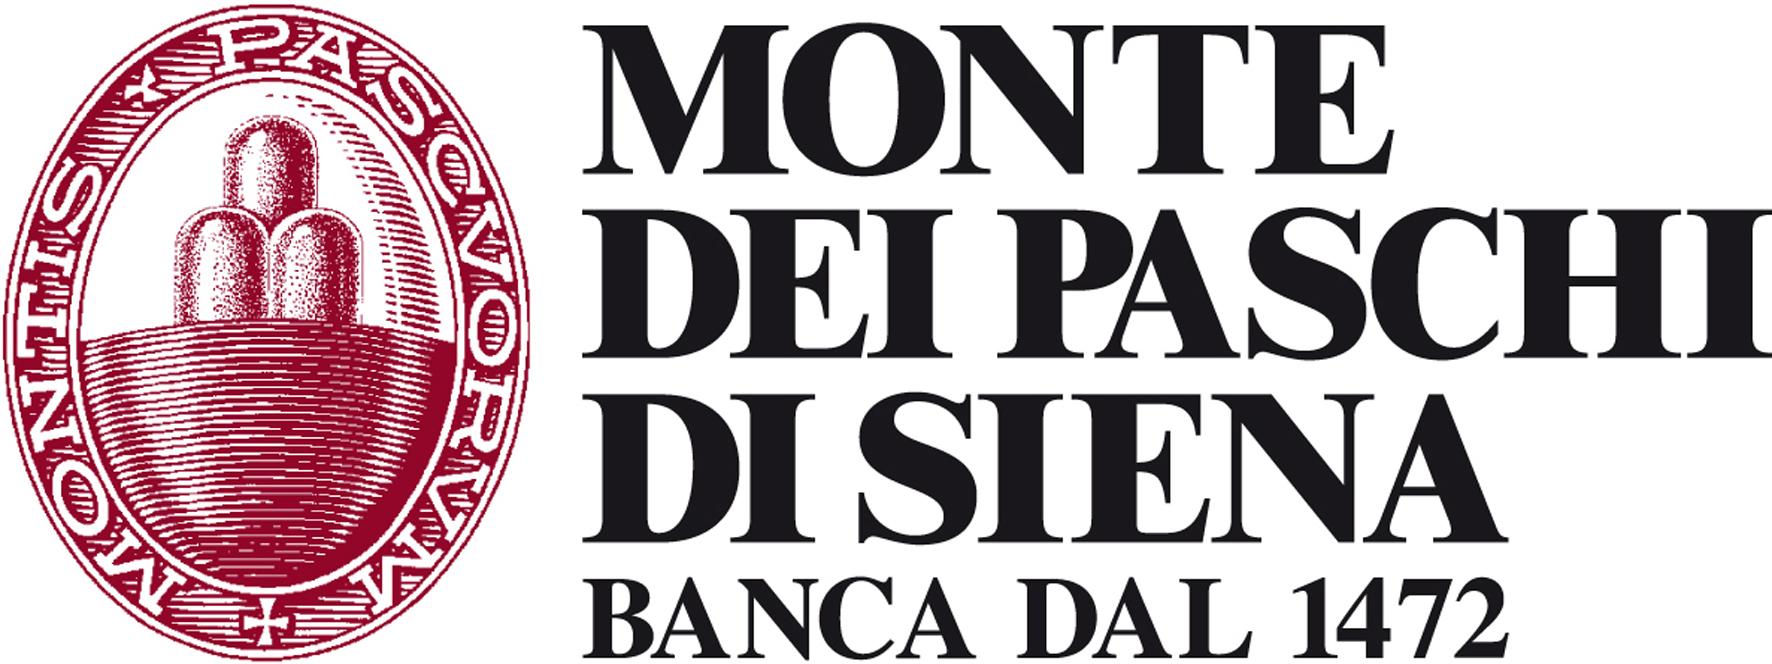 Banca Monte dei Paschi di Siena Milano